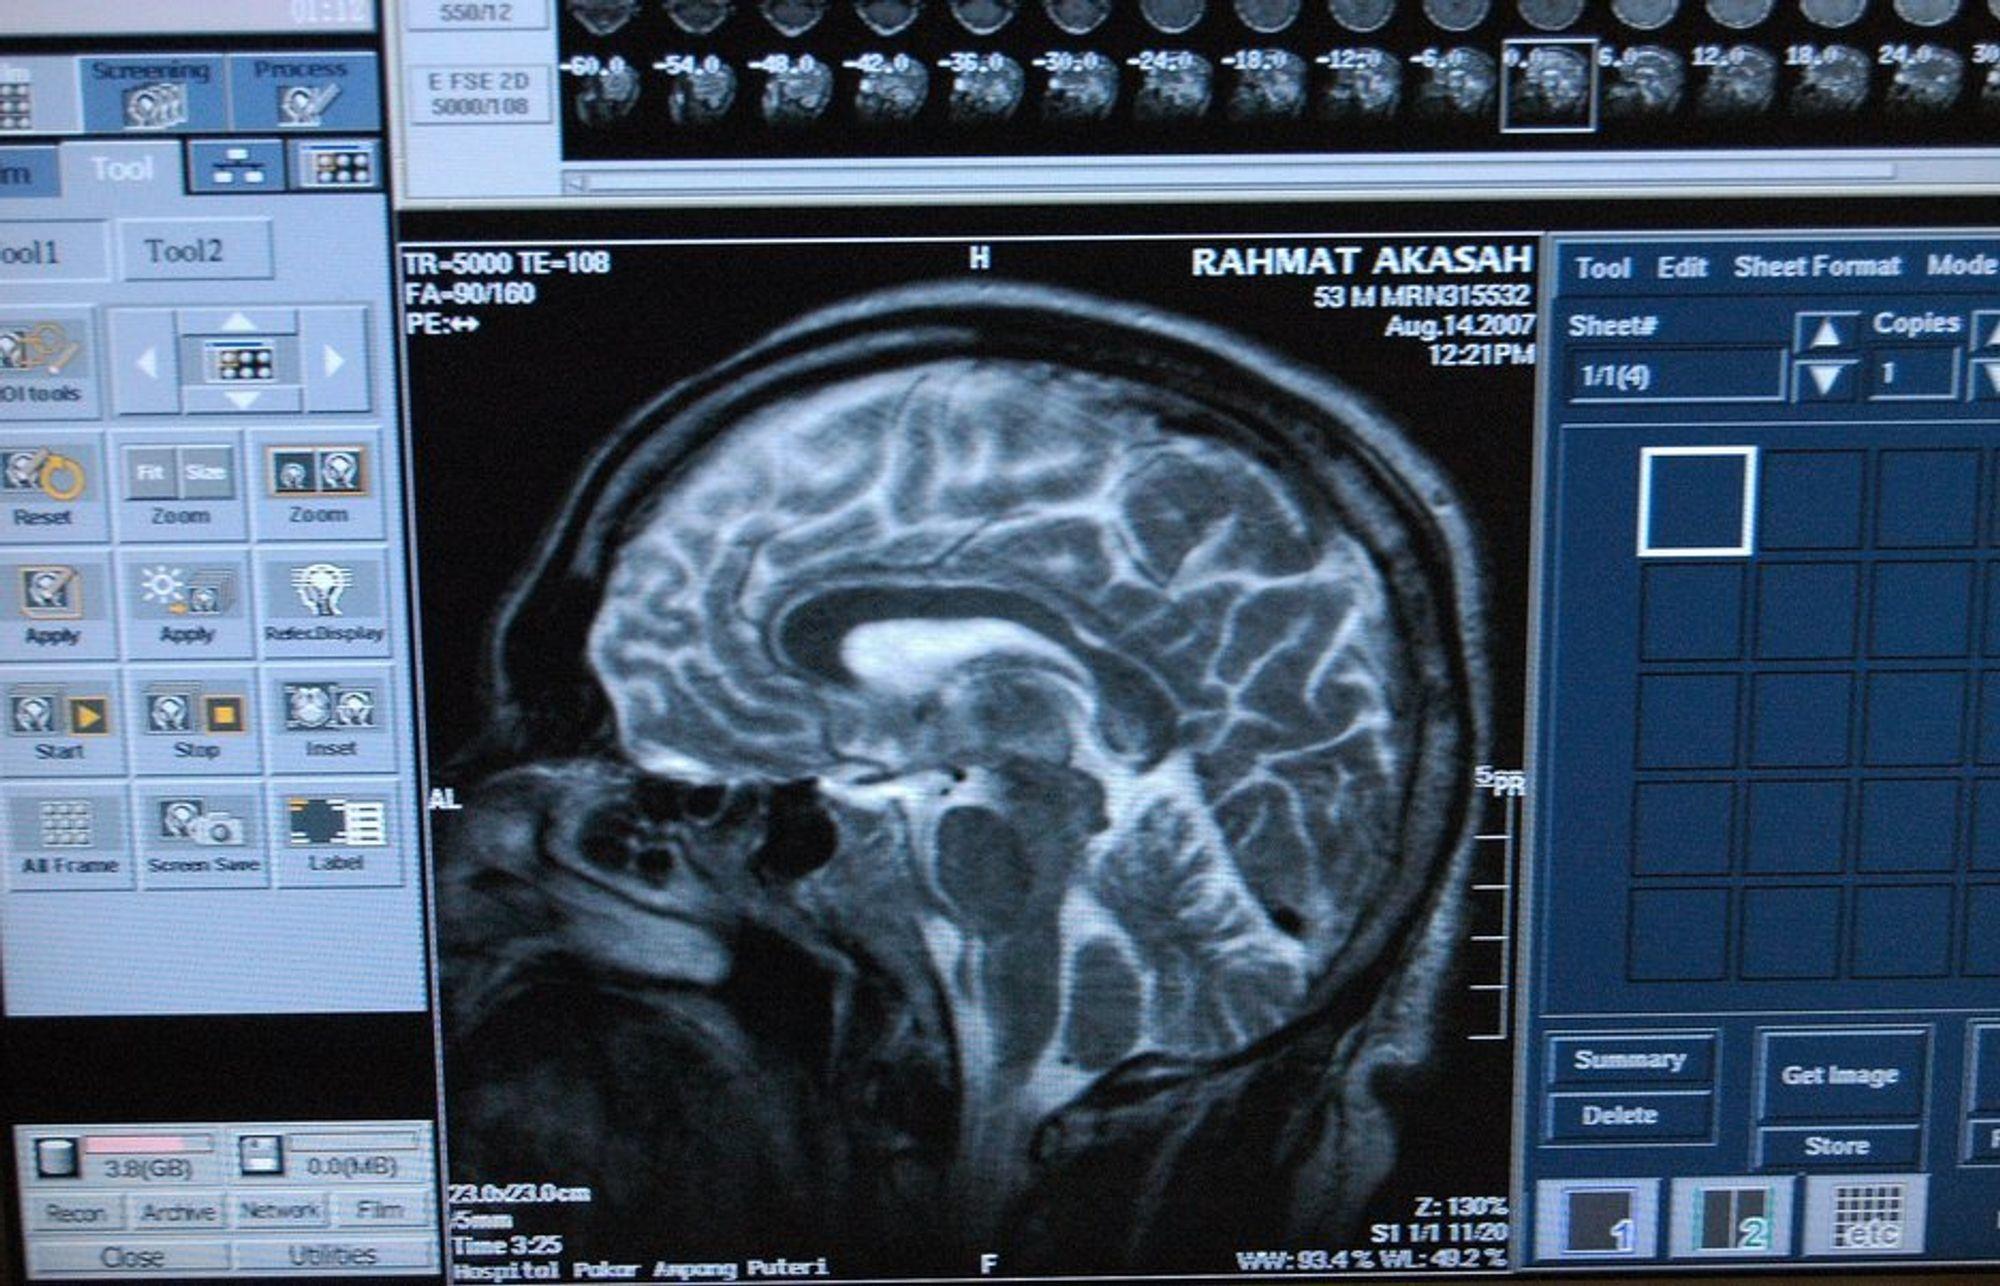 Interphone-undersøkelsen konkluderer med svært lite, men resultatene kan tyde på at de tunge brukerne av mobiltelefoner kan ha økt risiko for svulster i hjernen.